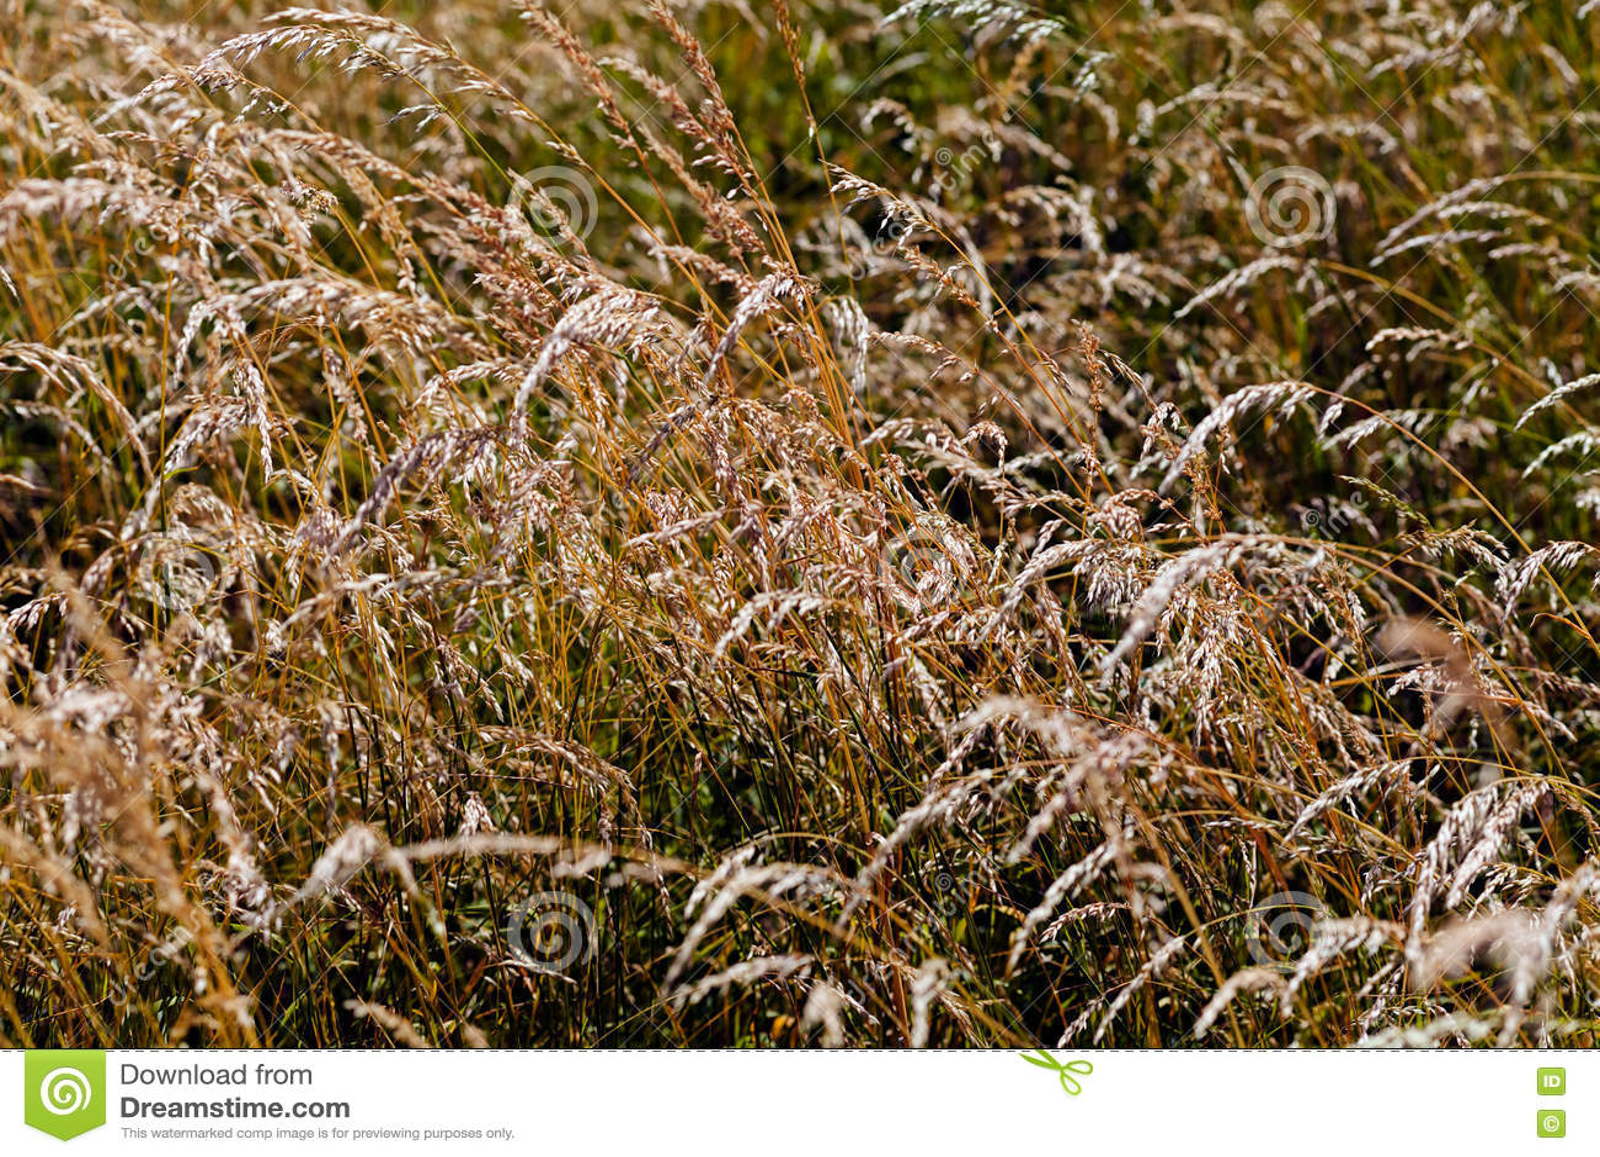 tall grass field walking brown tall grass in field tall grass in field stock photo image of brown meadow